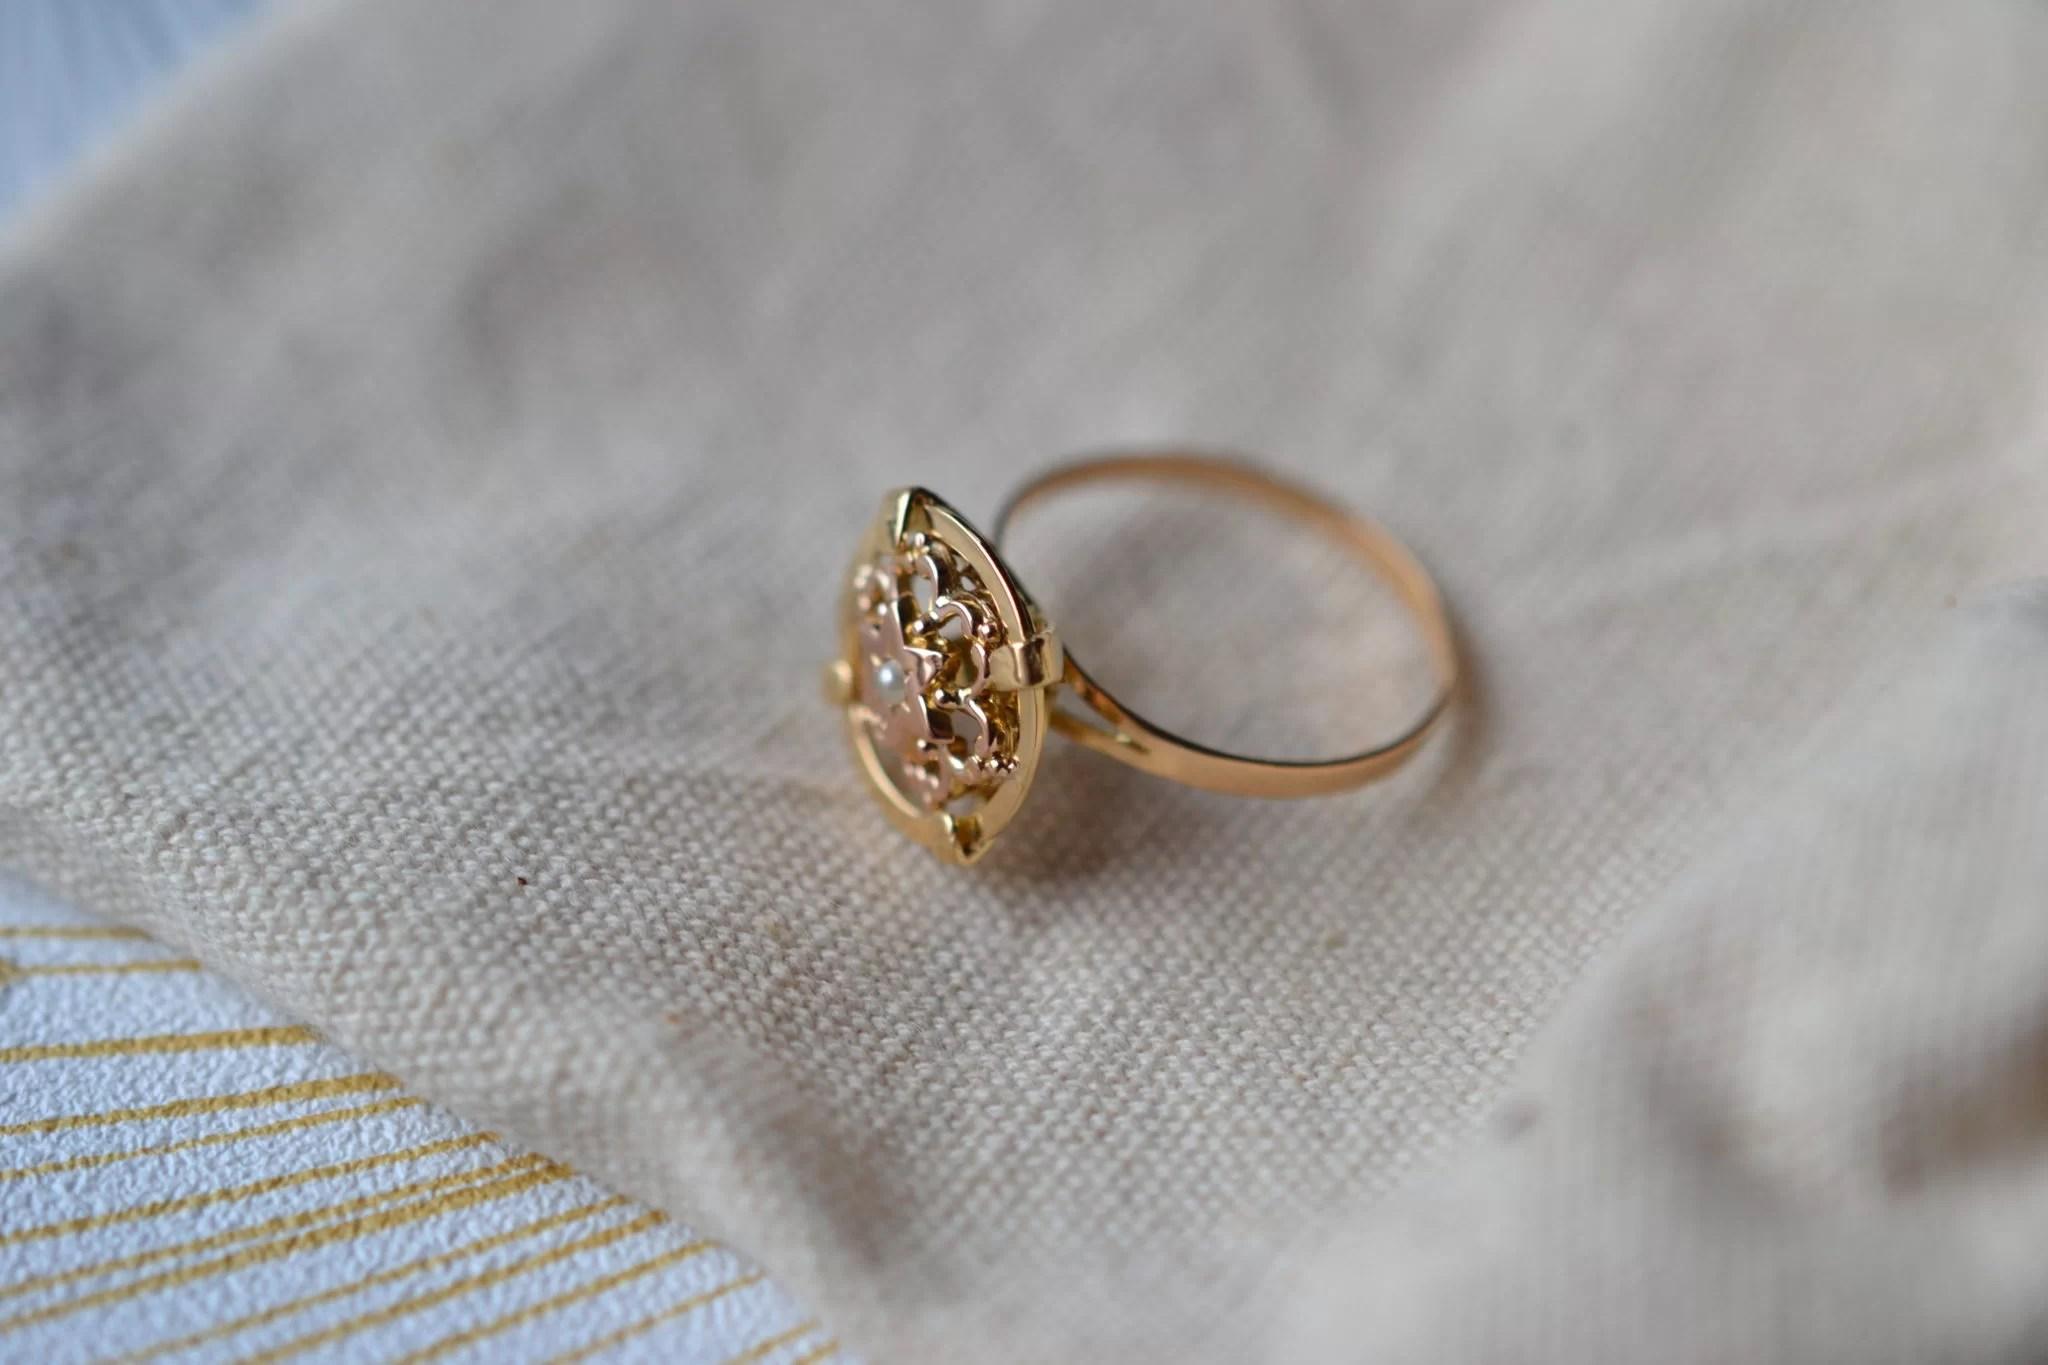 Bague en Or jaune ornée d_une demi-perle de culture sur un plateau en forme de disque, décoré d_un motif fleuri en Or rose - bague de seconde main